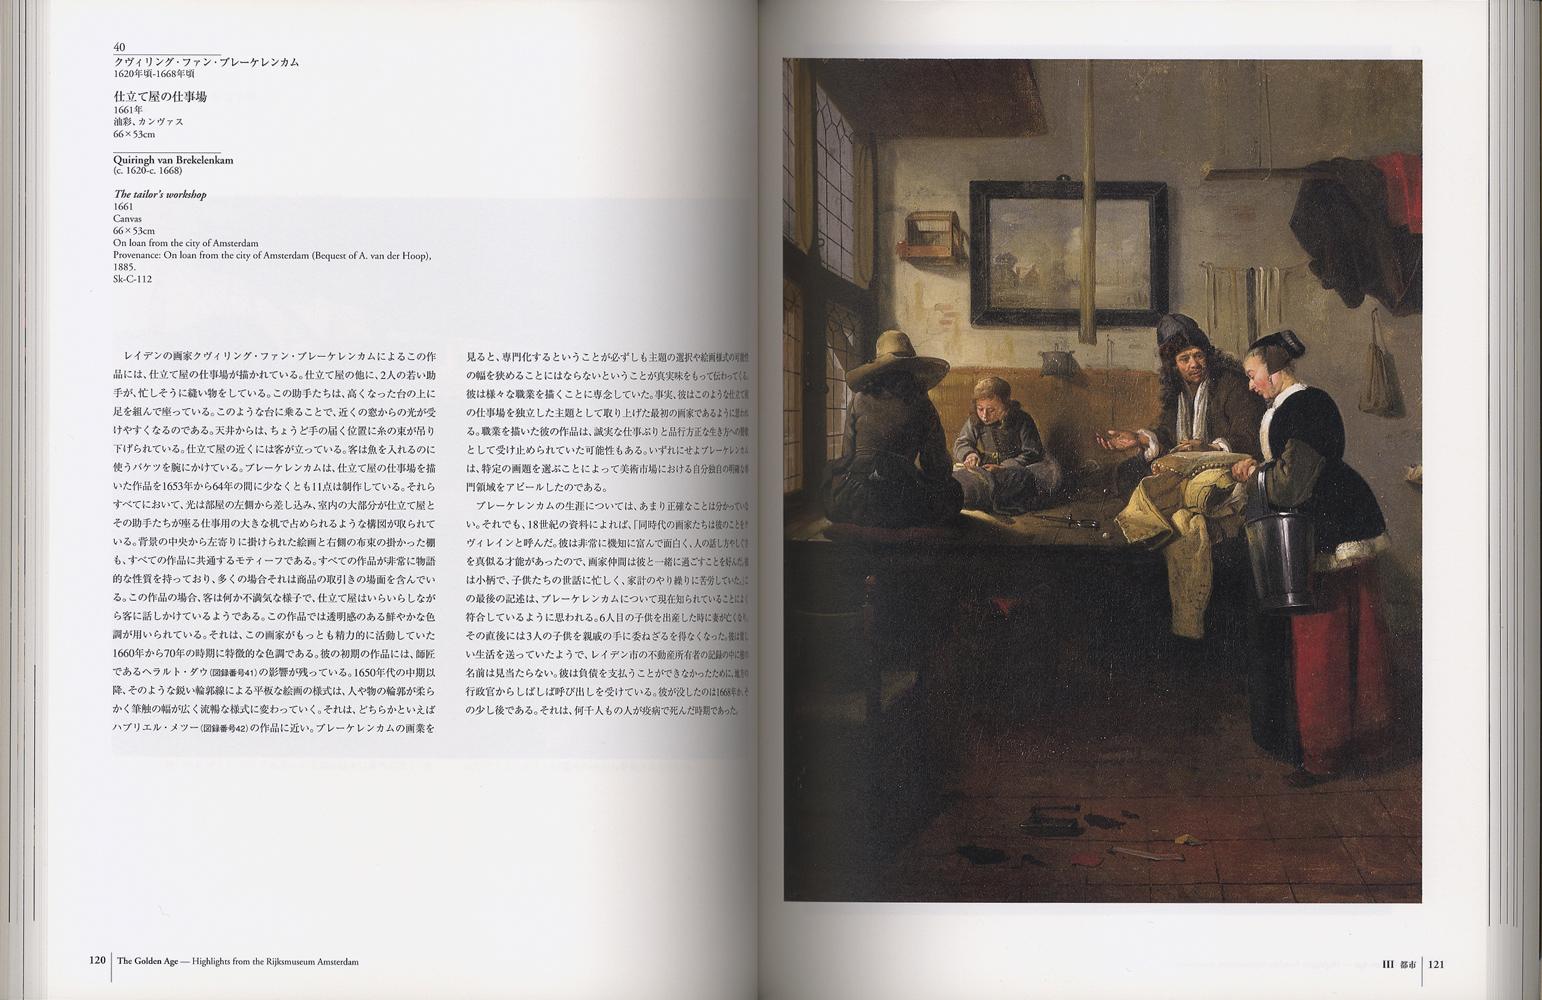 オランダ絵画の黄金時代 アムステルダム国立美術館展図録[image3]